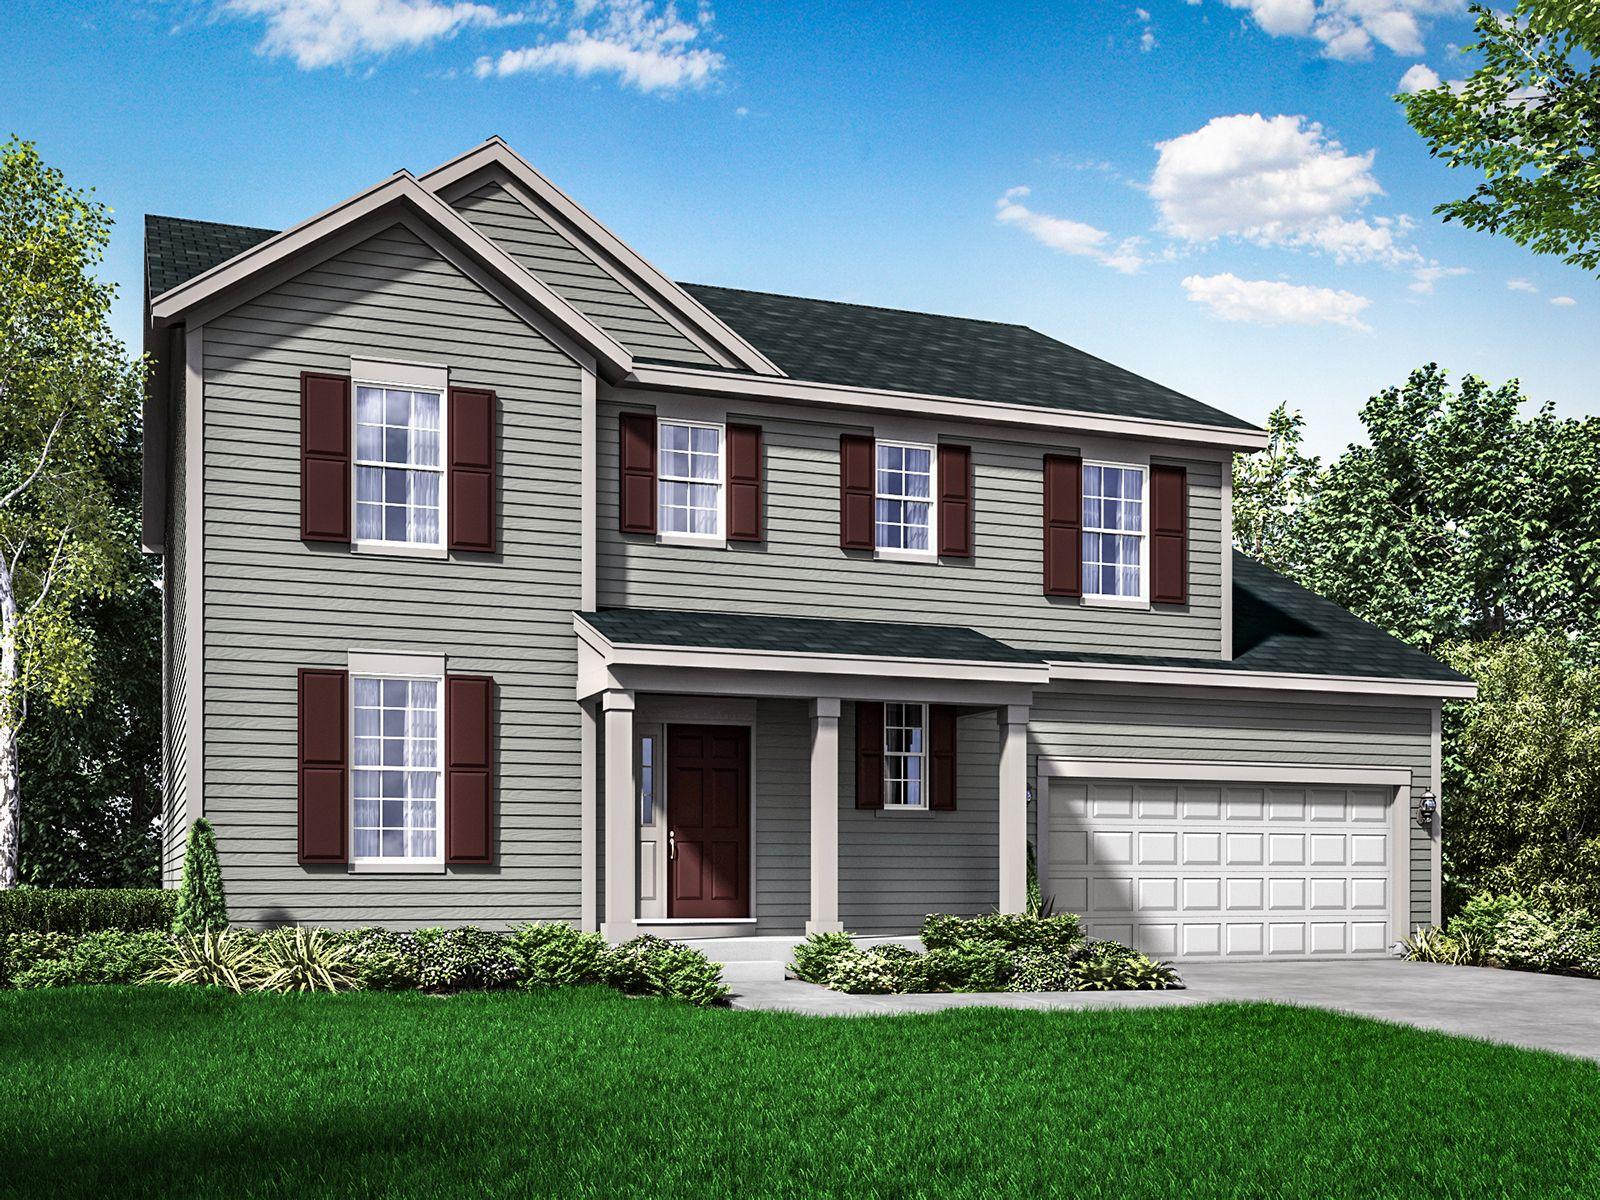 Colonial exterior elevation rendering Sheridan II by William Ryan Homes:Sheridan II - Colonial